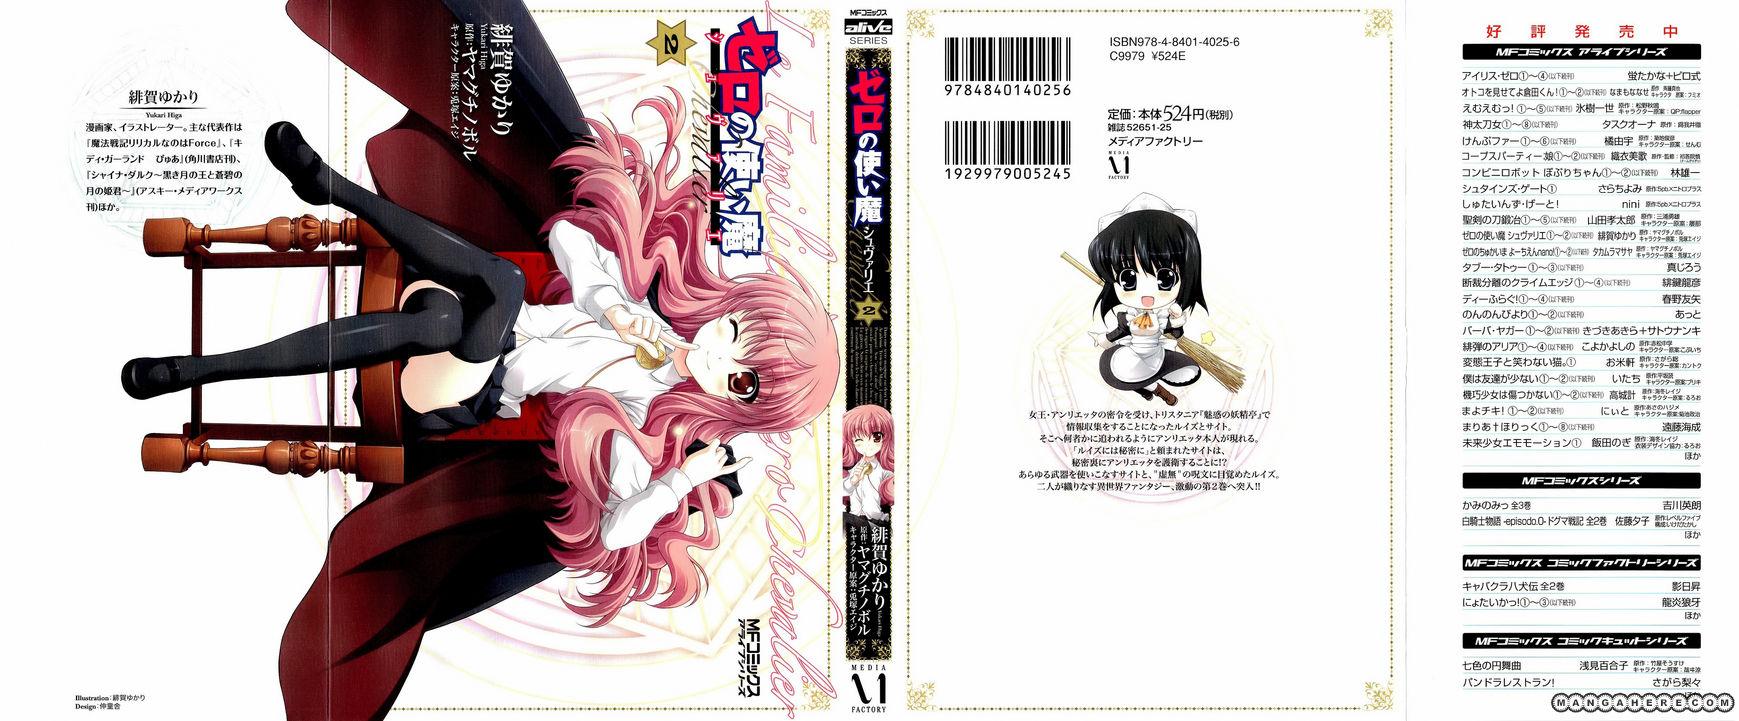 Zero No Tsukaima Chevalier 7 Page 1